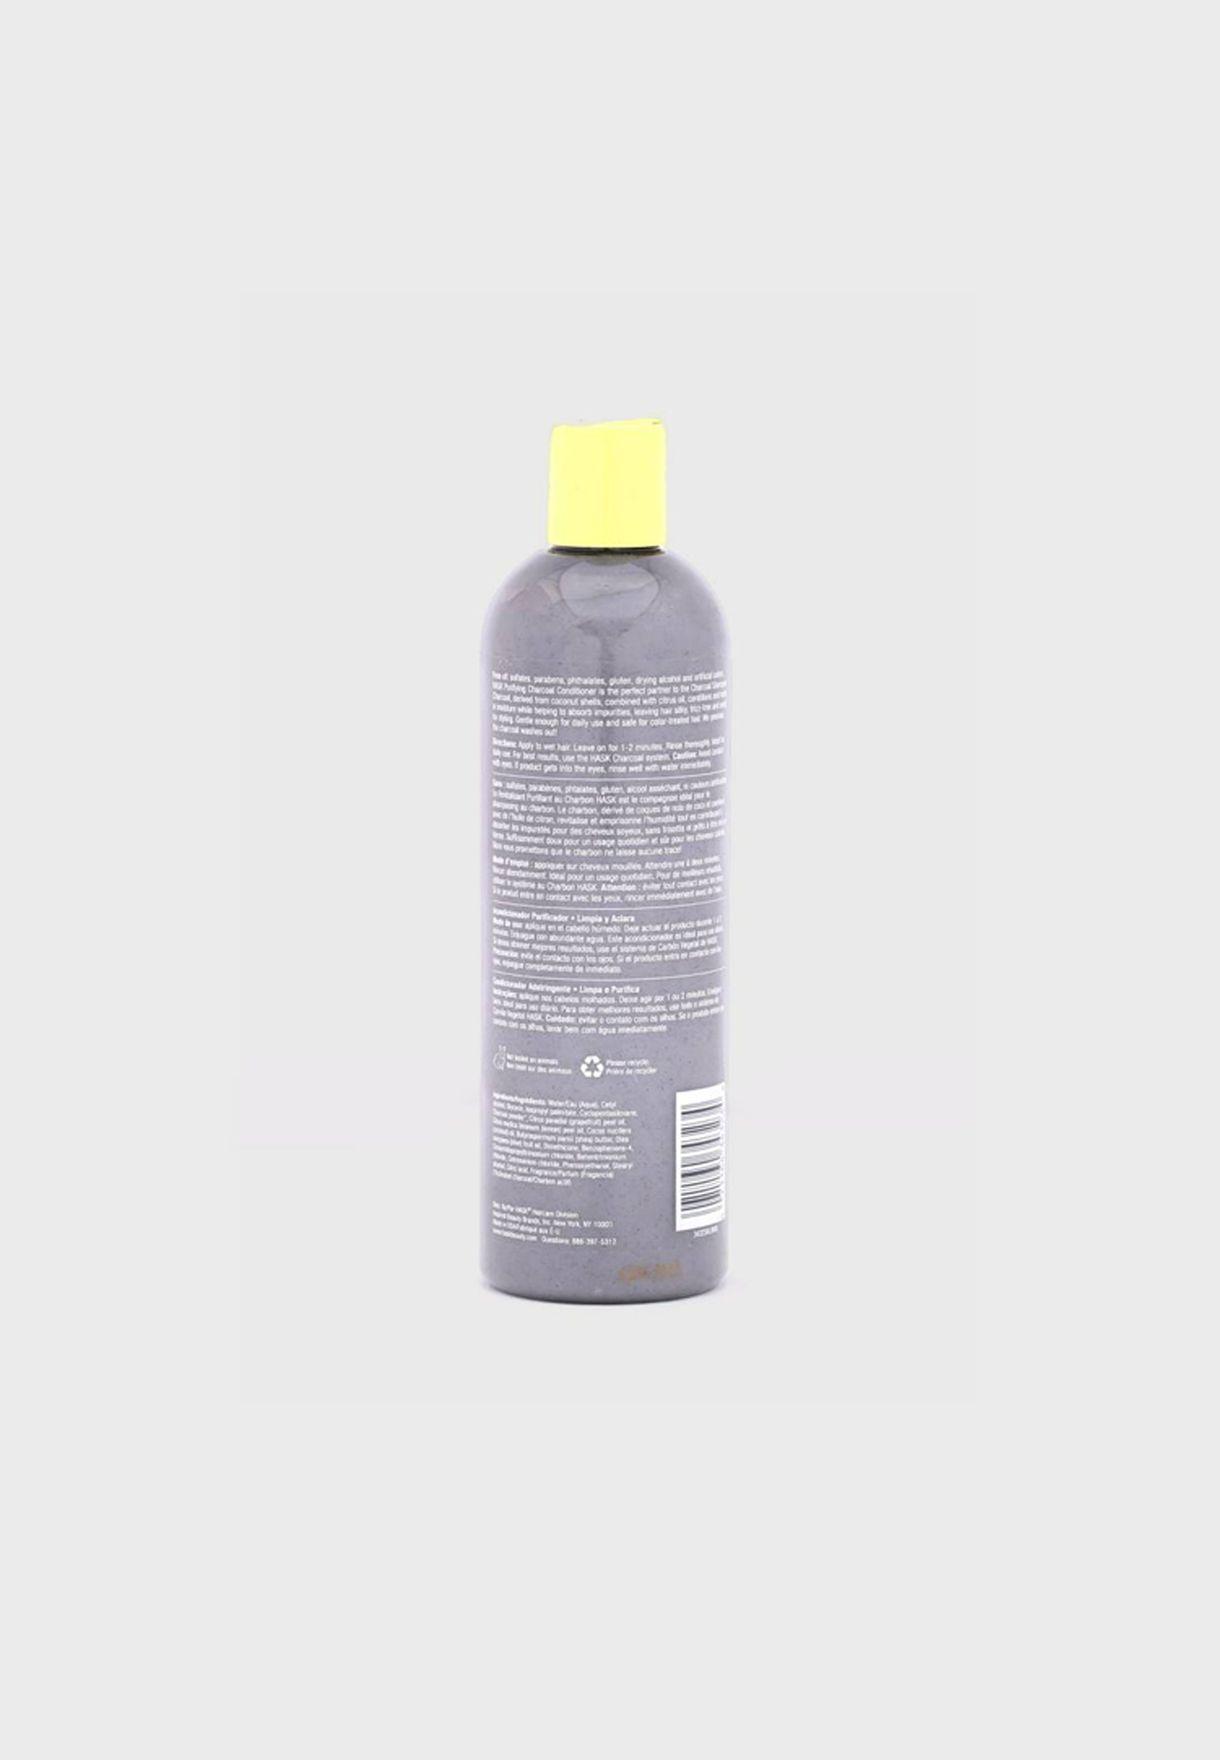 بلسم الفحم لنقاء الشعر - 355 مل